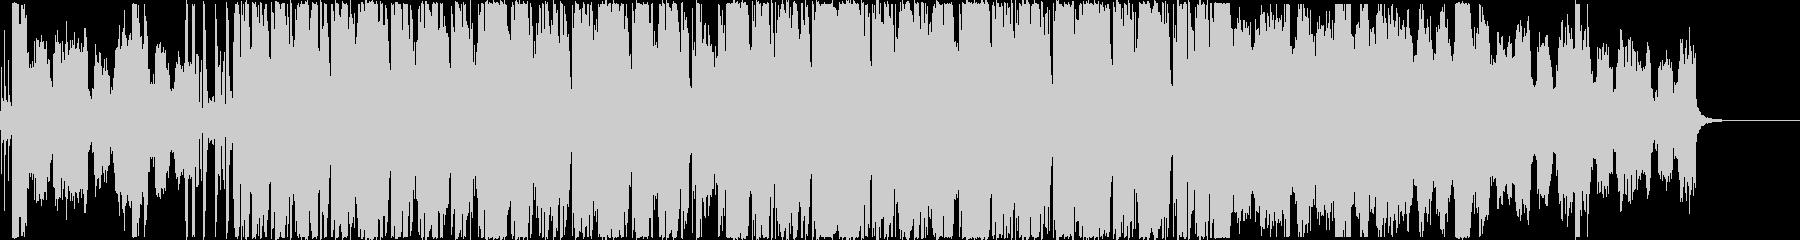 疾走感あるオーケストラのボス戦闘曲の未再生の波形